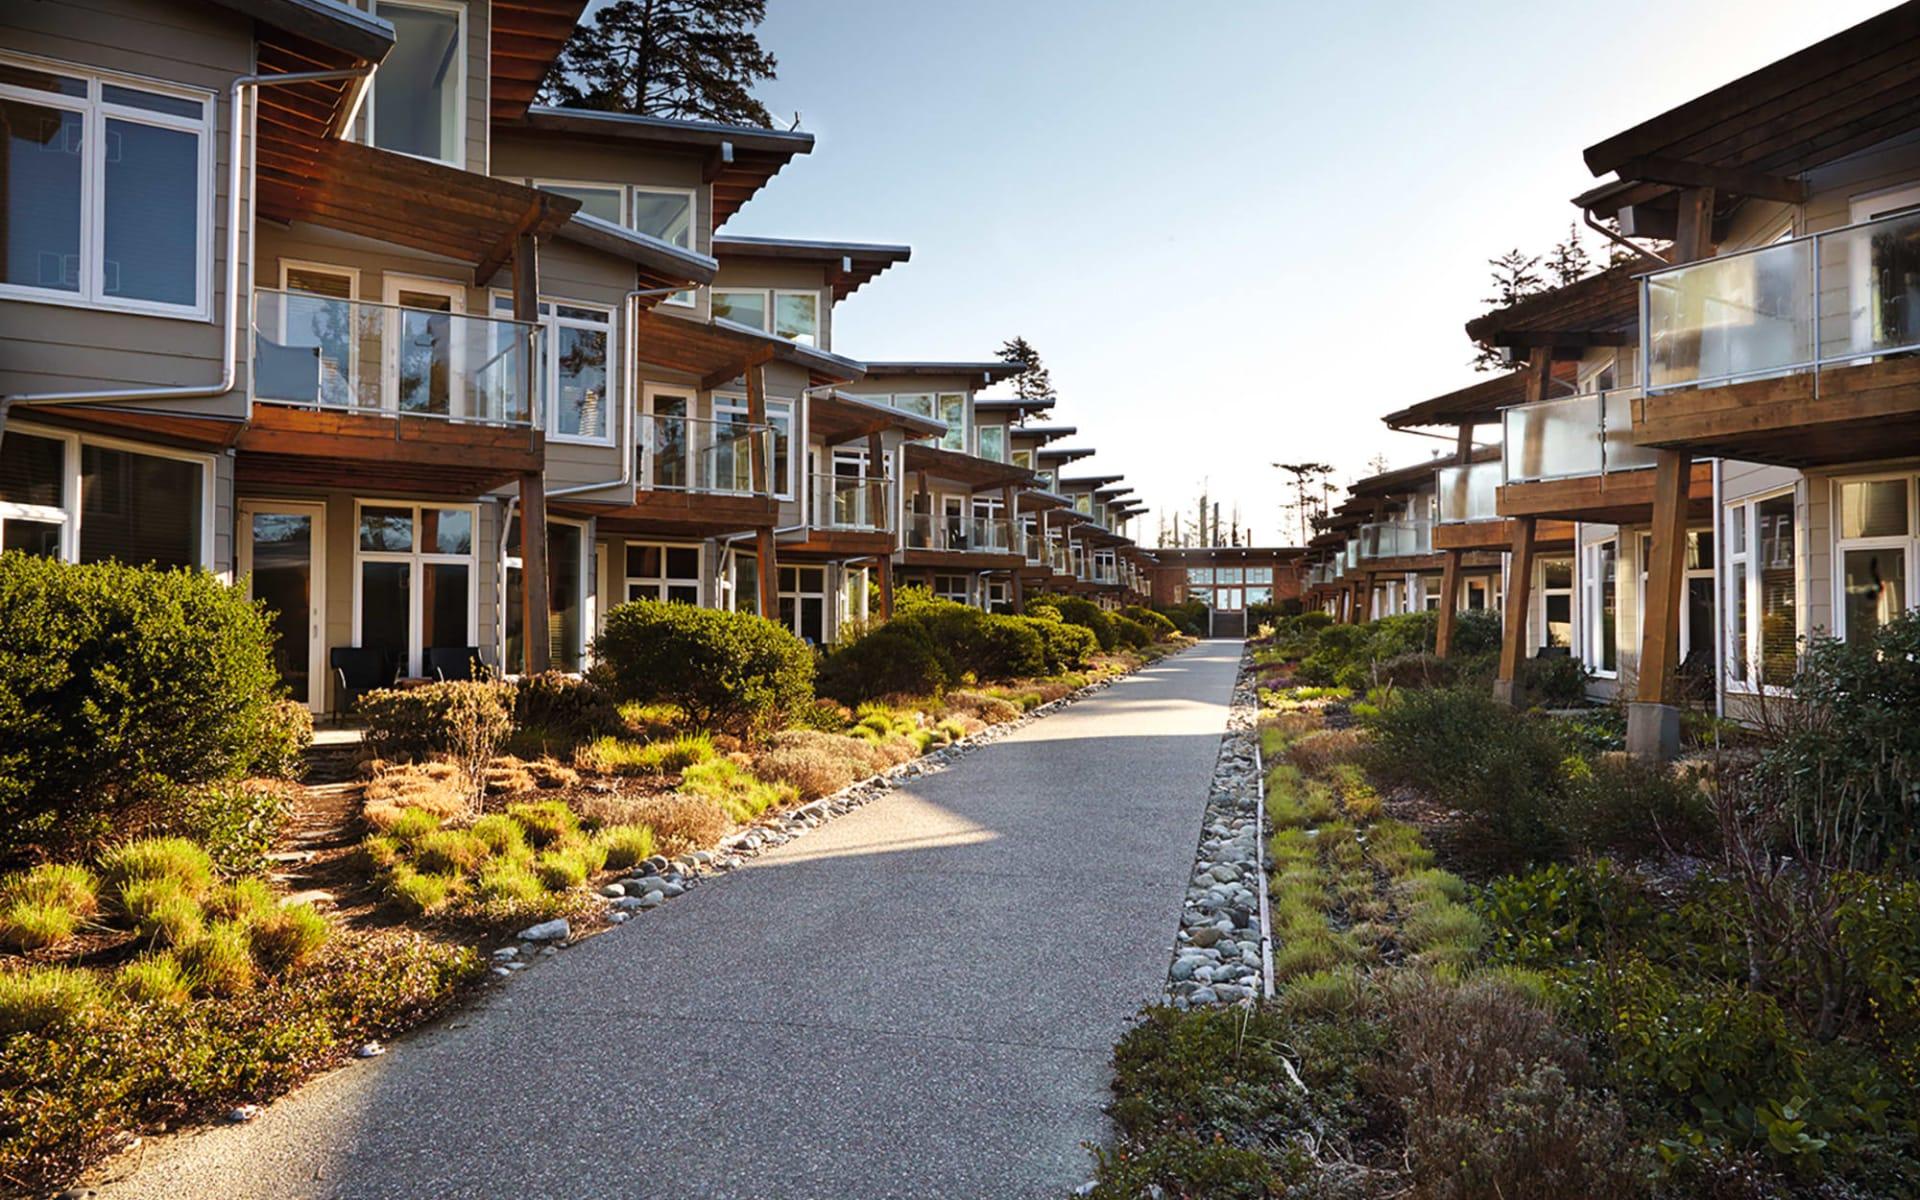 Cox Bay Beach Resort in Tofino:  CoxBayResort, Tofino